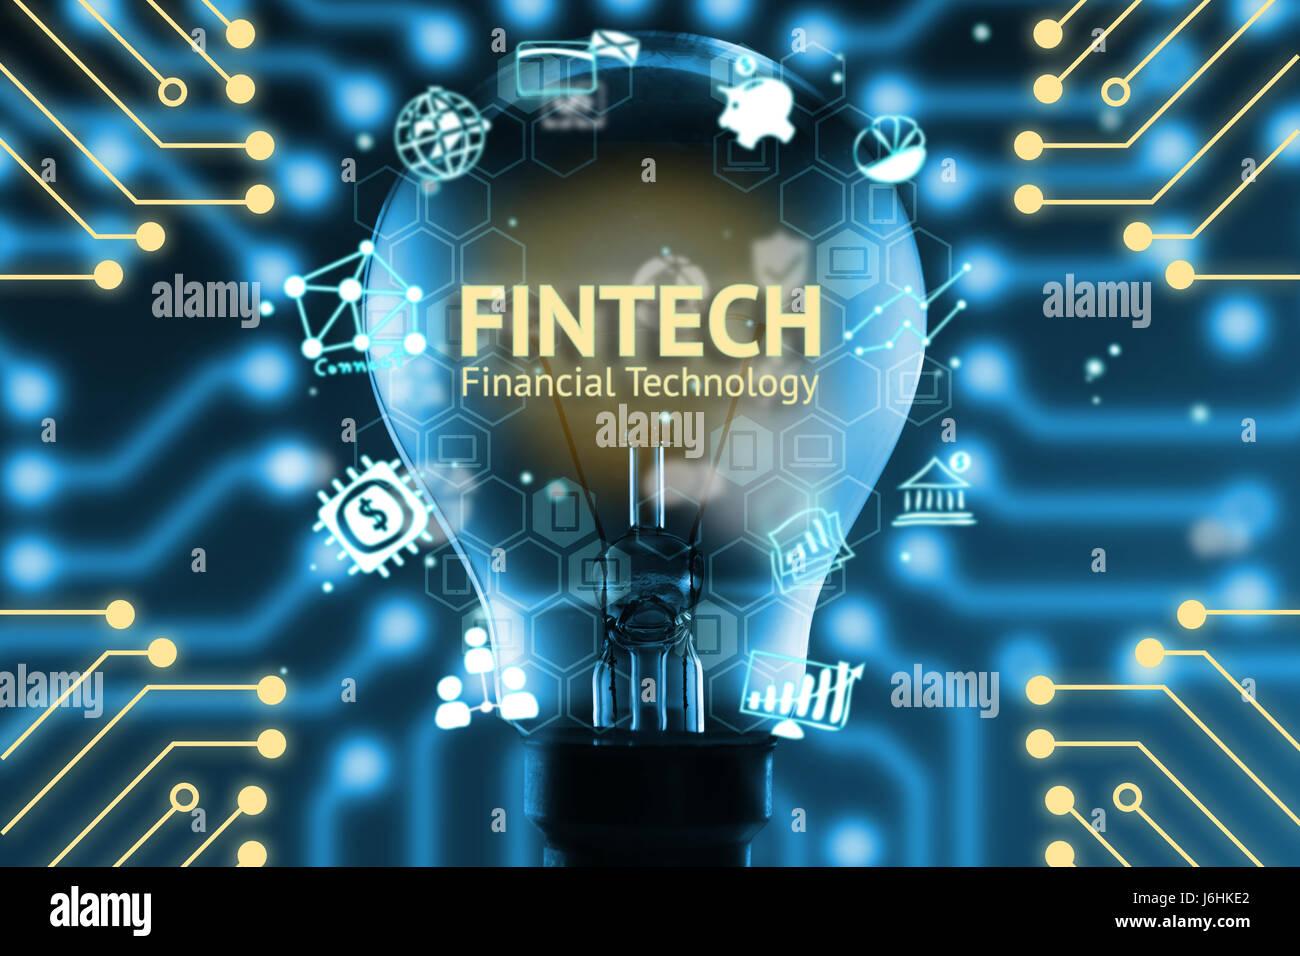 FinTech-Konzept. Ikonen der Finanztechnologie und Bank. Glühbirne, Infografik, Texte und Symbole. Elektrische Stockbild